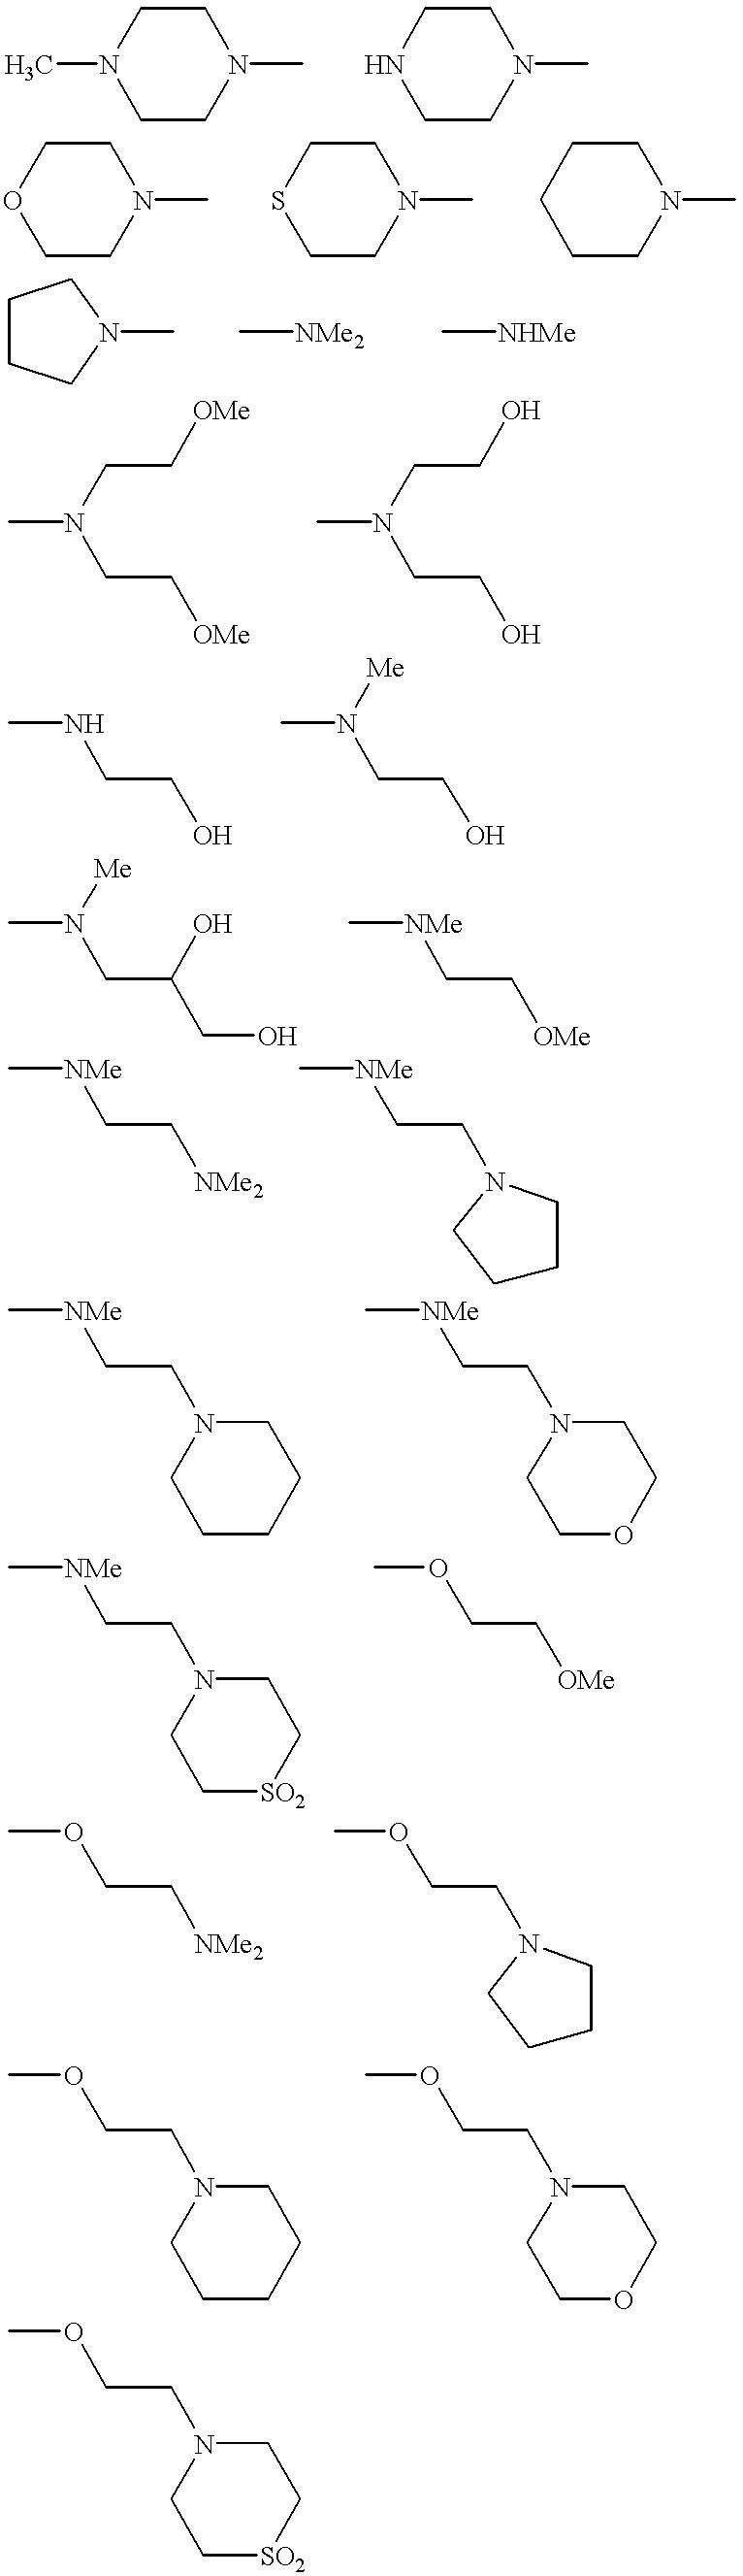 Figure US06376515-20020423-C00153